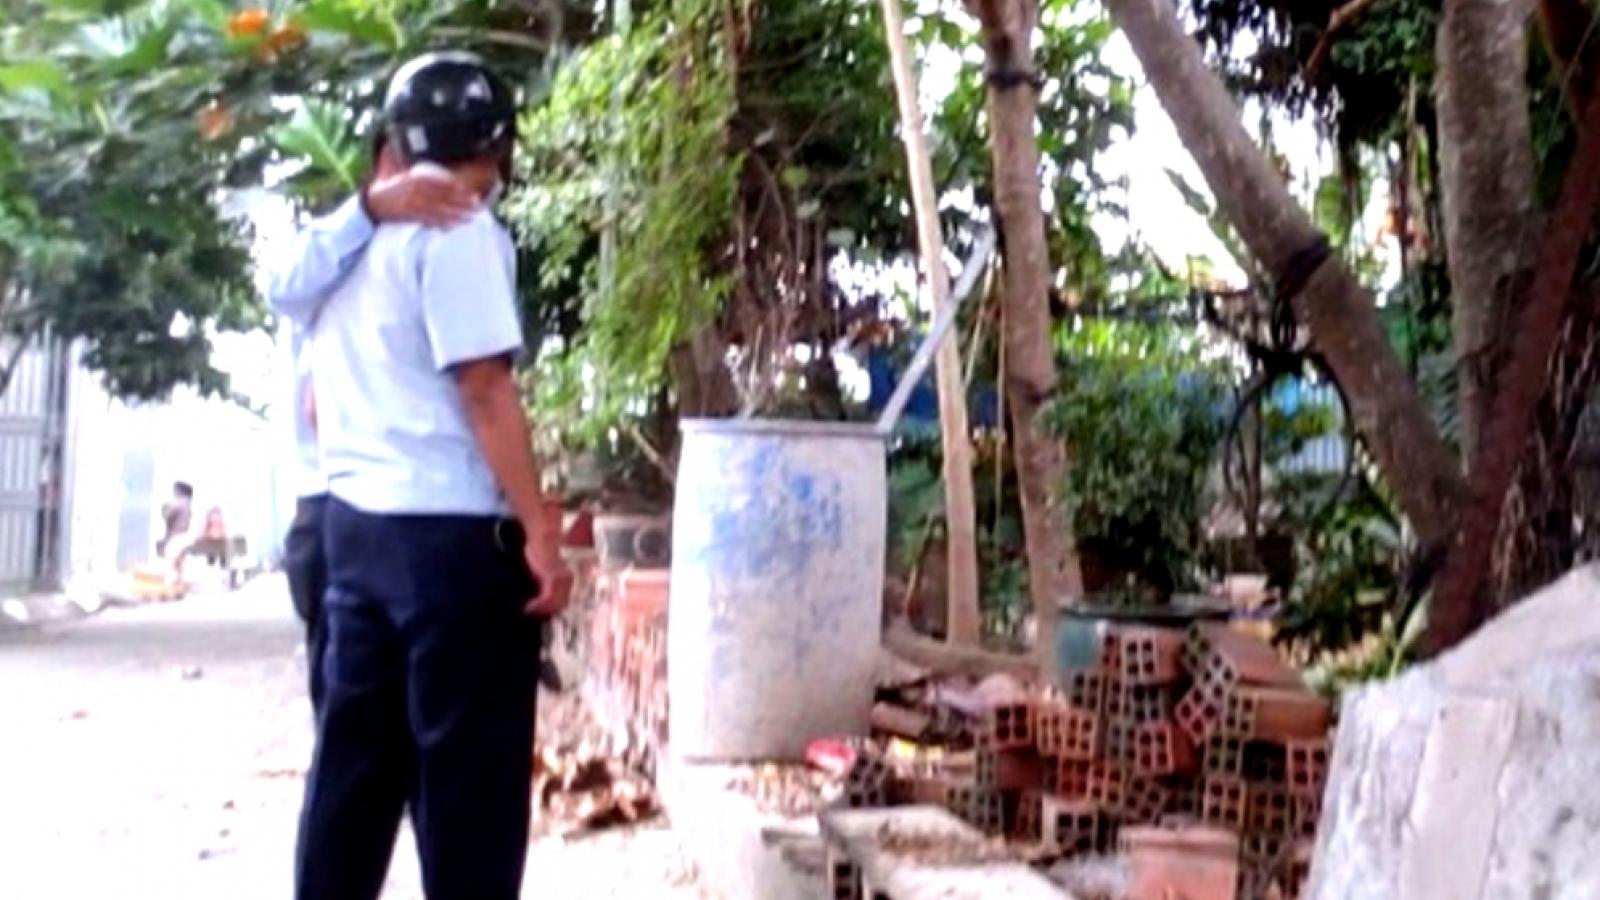 Để người dân xây nhà trái phép, một cán bộ huyện ở TP.HCM bị thôi việc